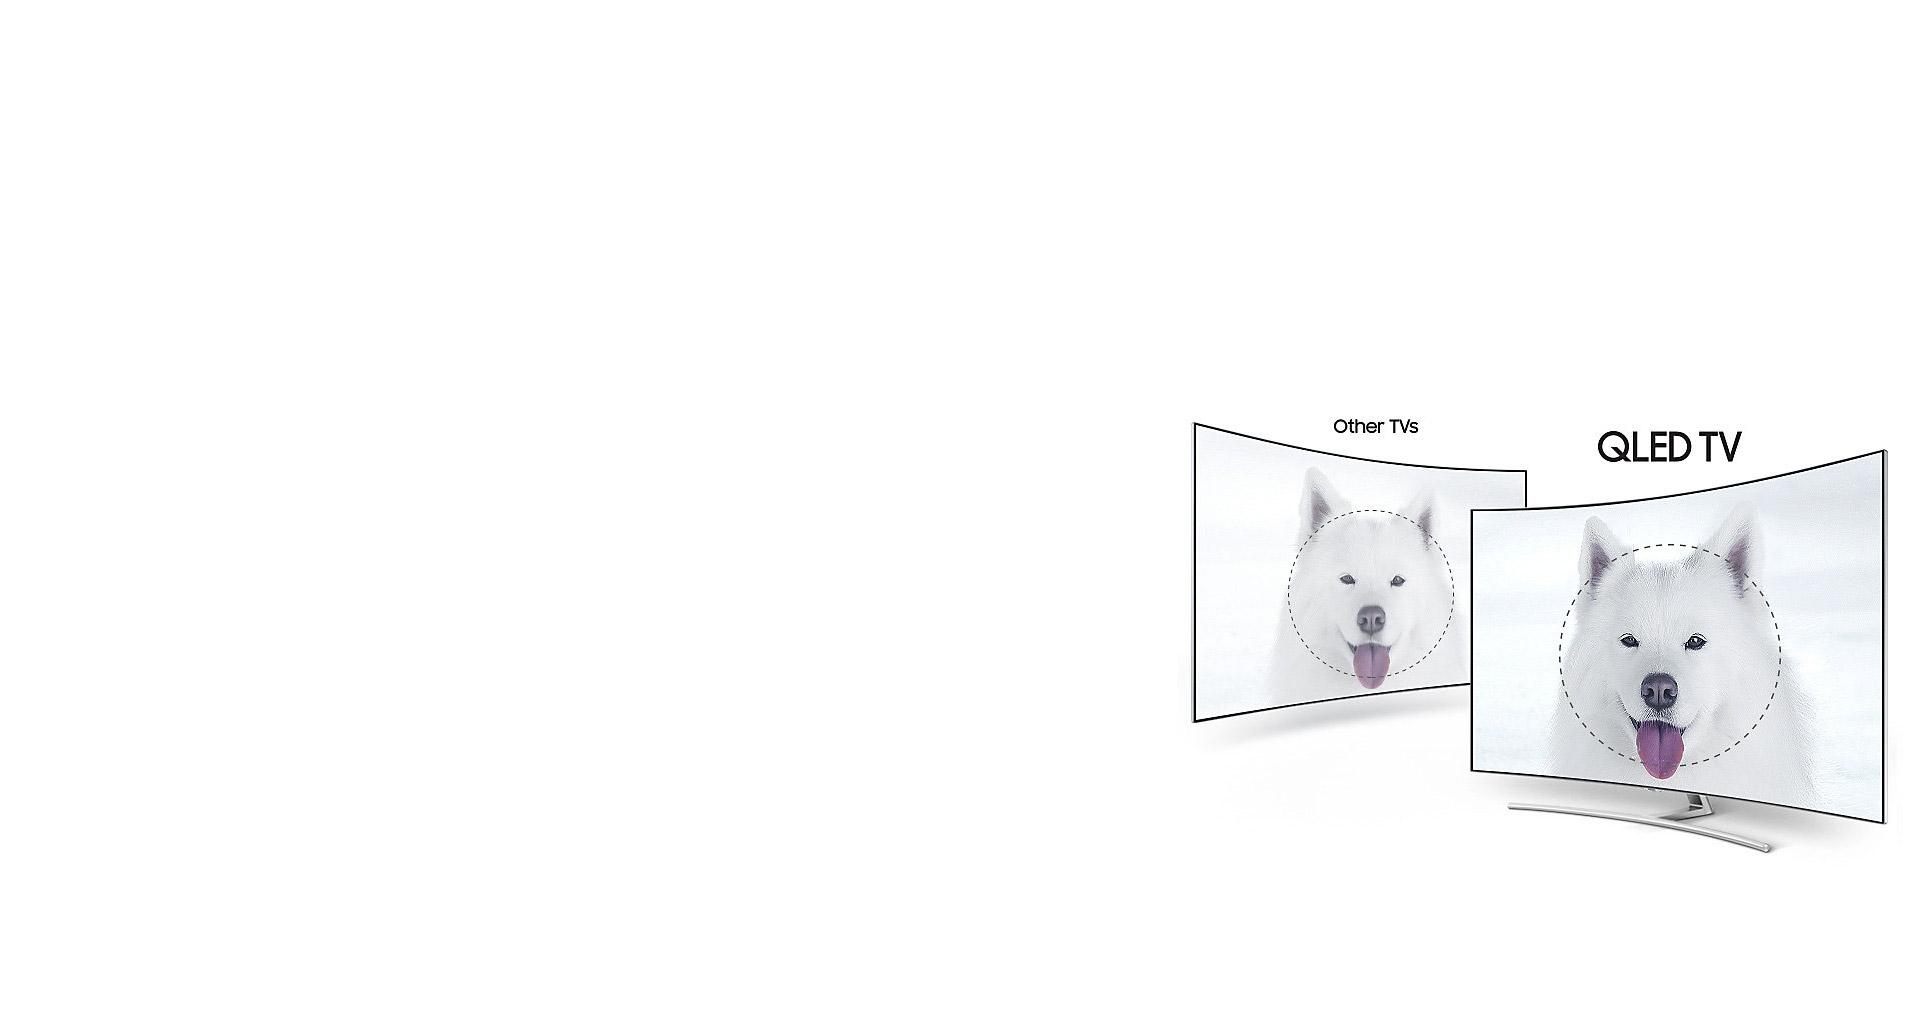 کیفیت HDR 1500 در تلویزیون 55Q78C